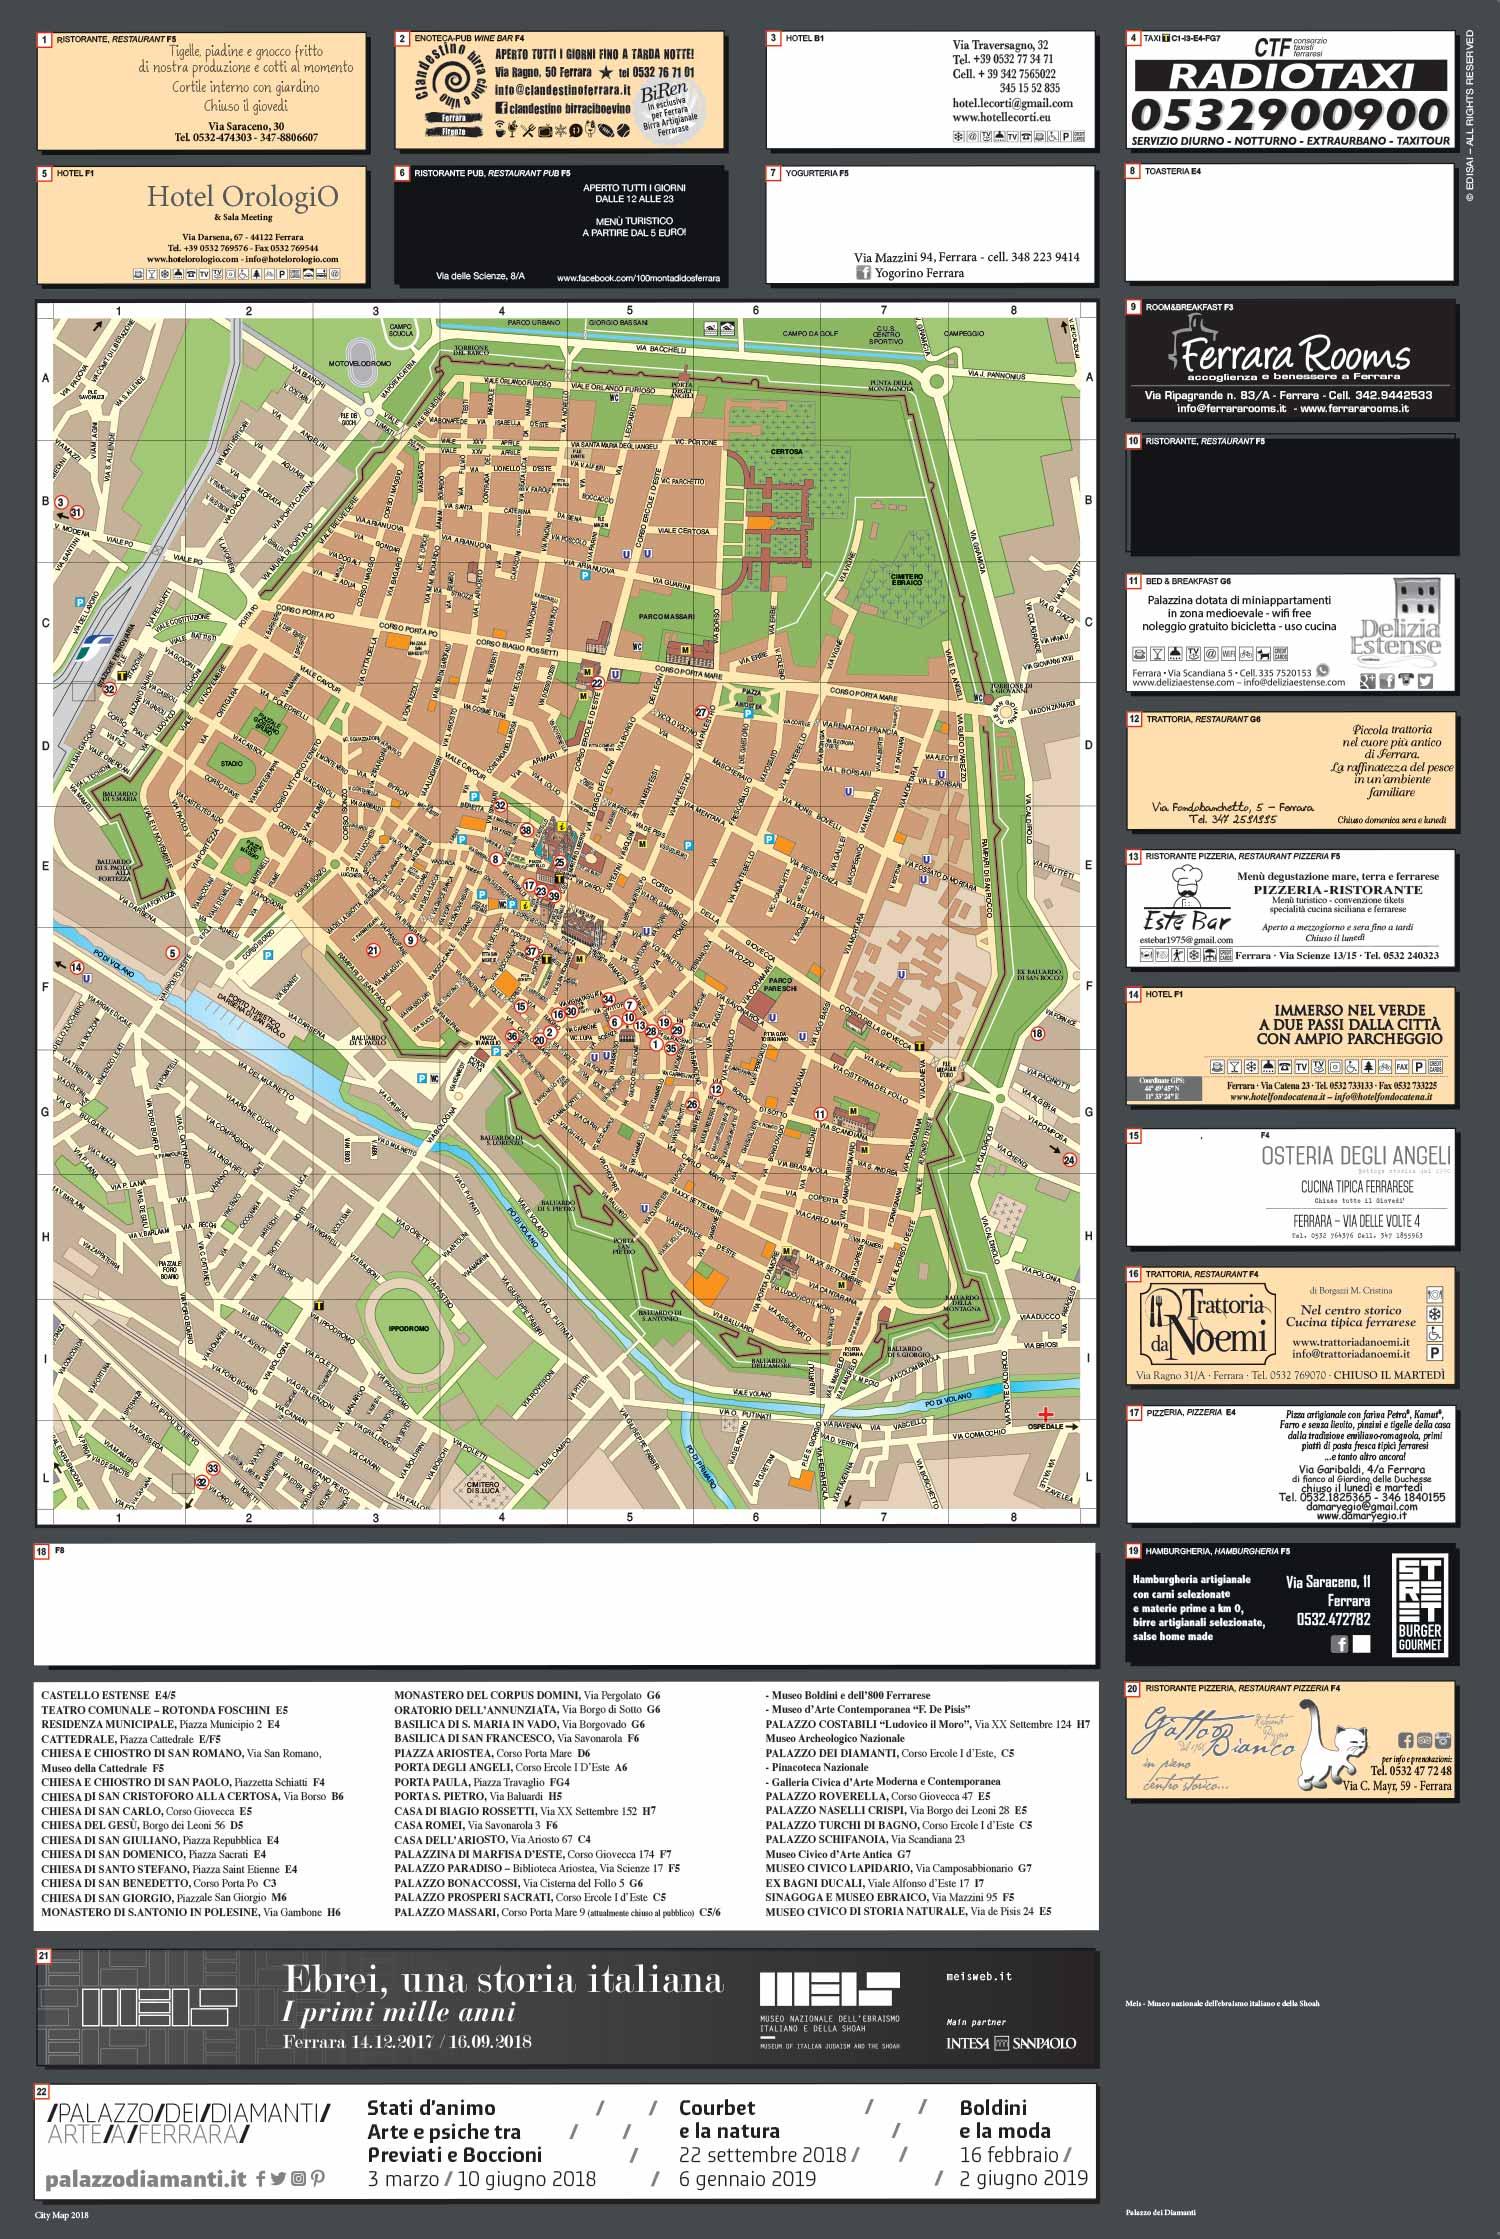 Mappa della città di Ferrara 2018